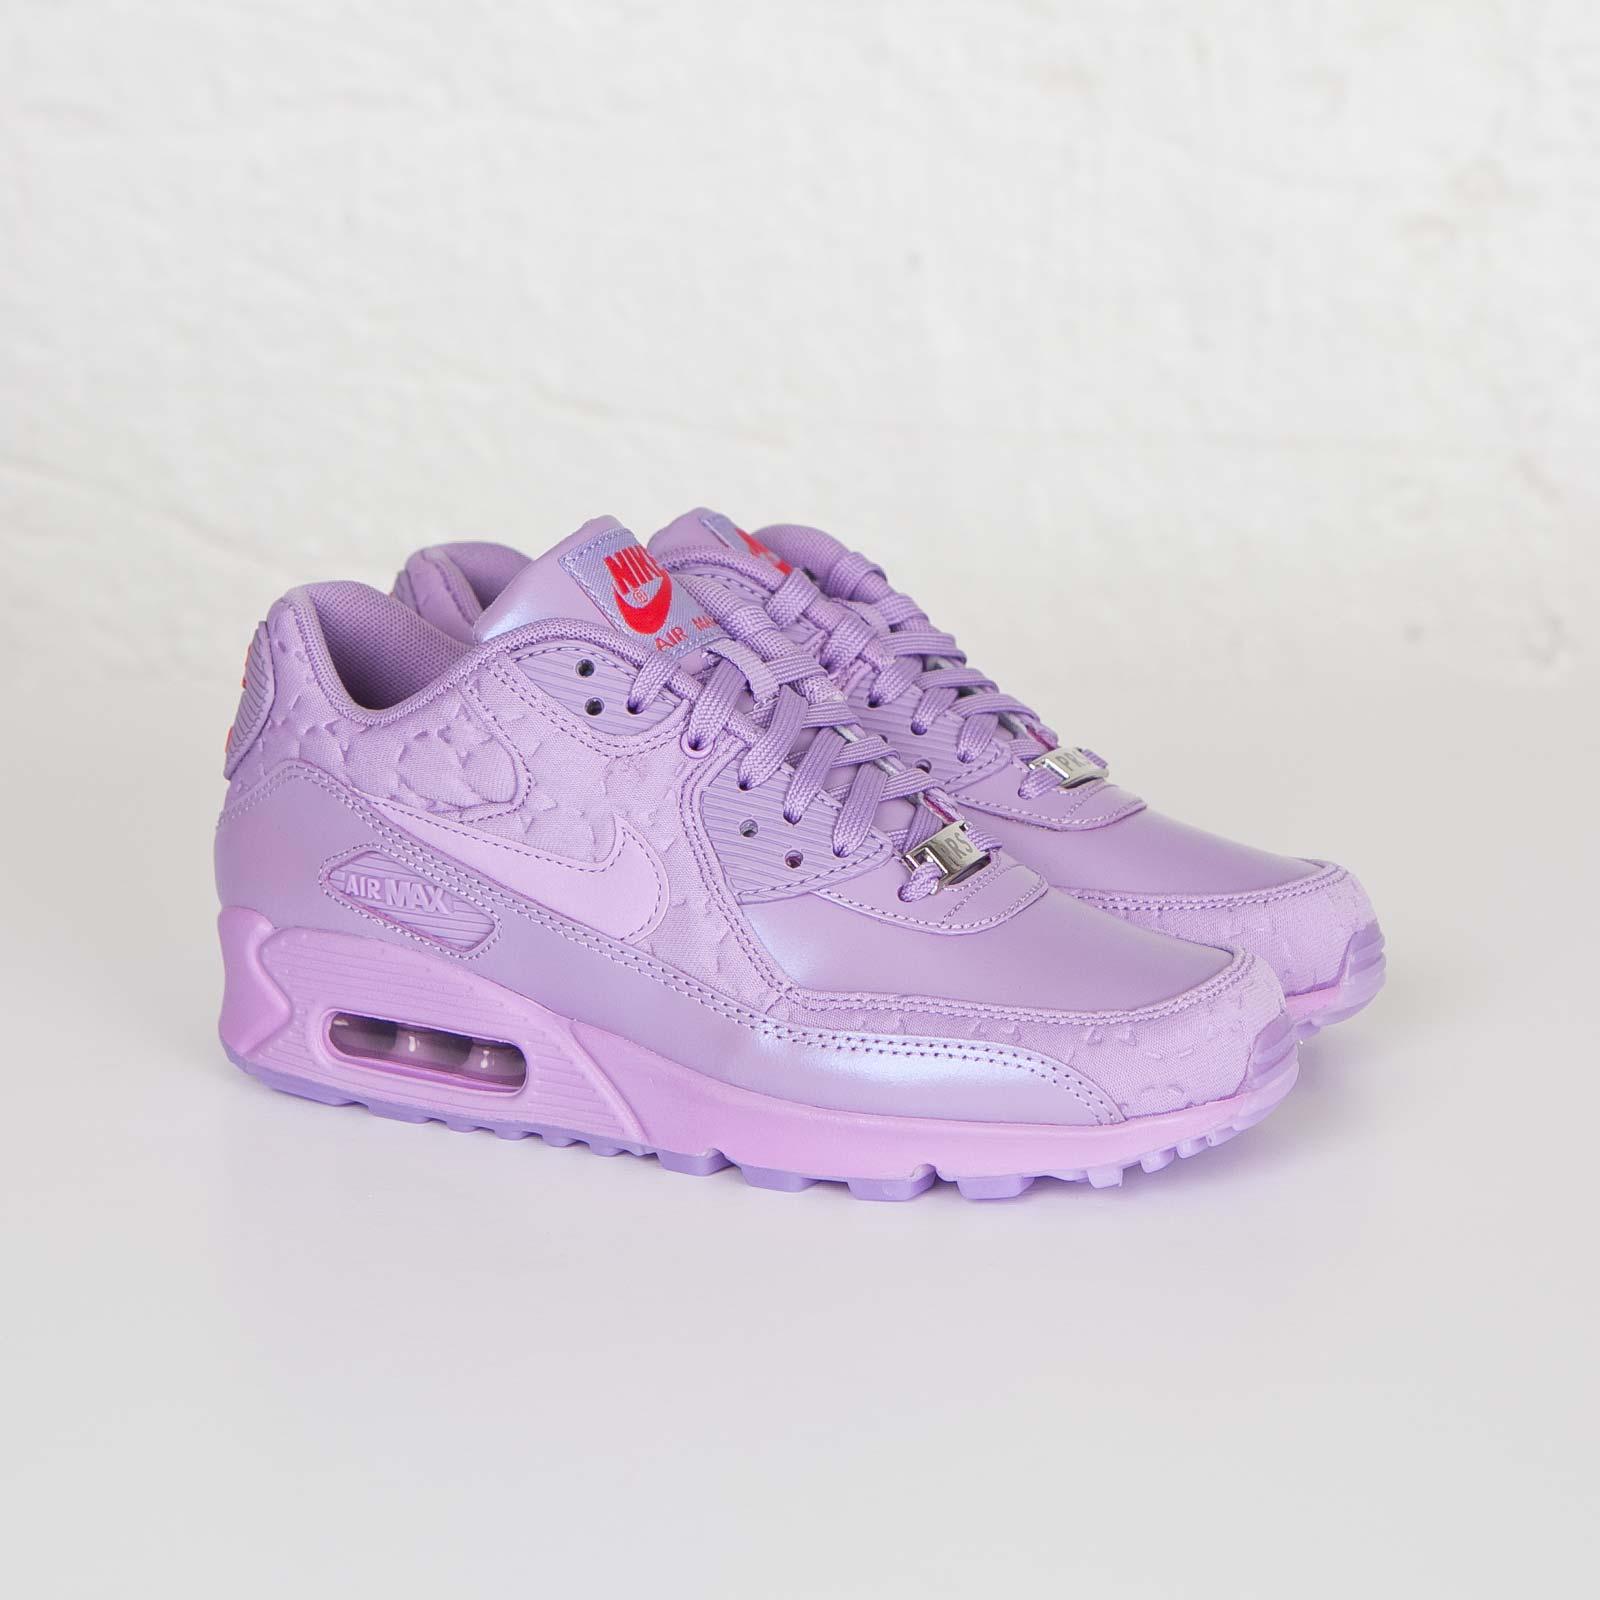 pick up 83234 5de38 Nike Wmns Air Max 90 QS